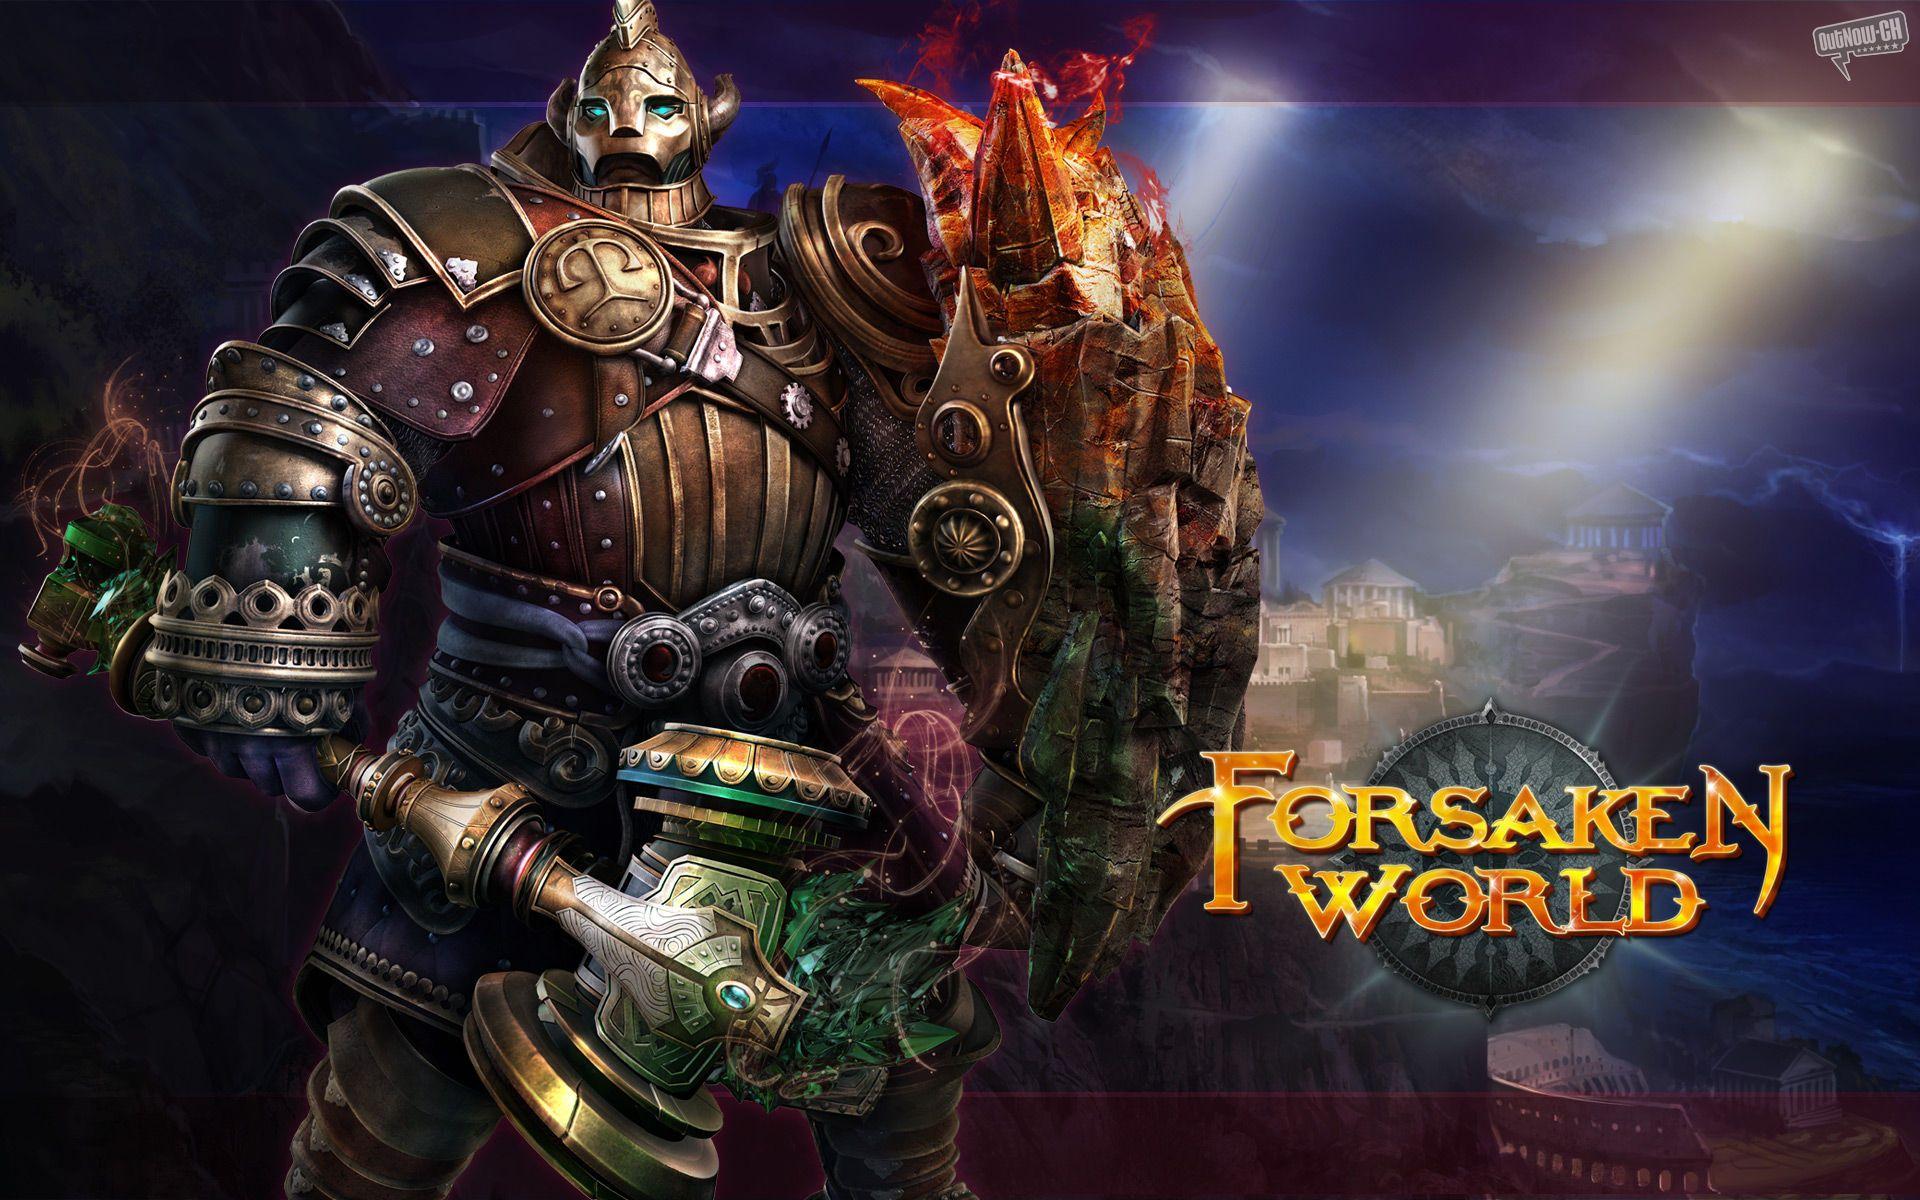 Forsaken World [PC,own] Most popular games, Free mmorpg